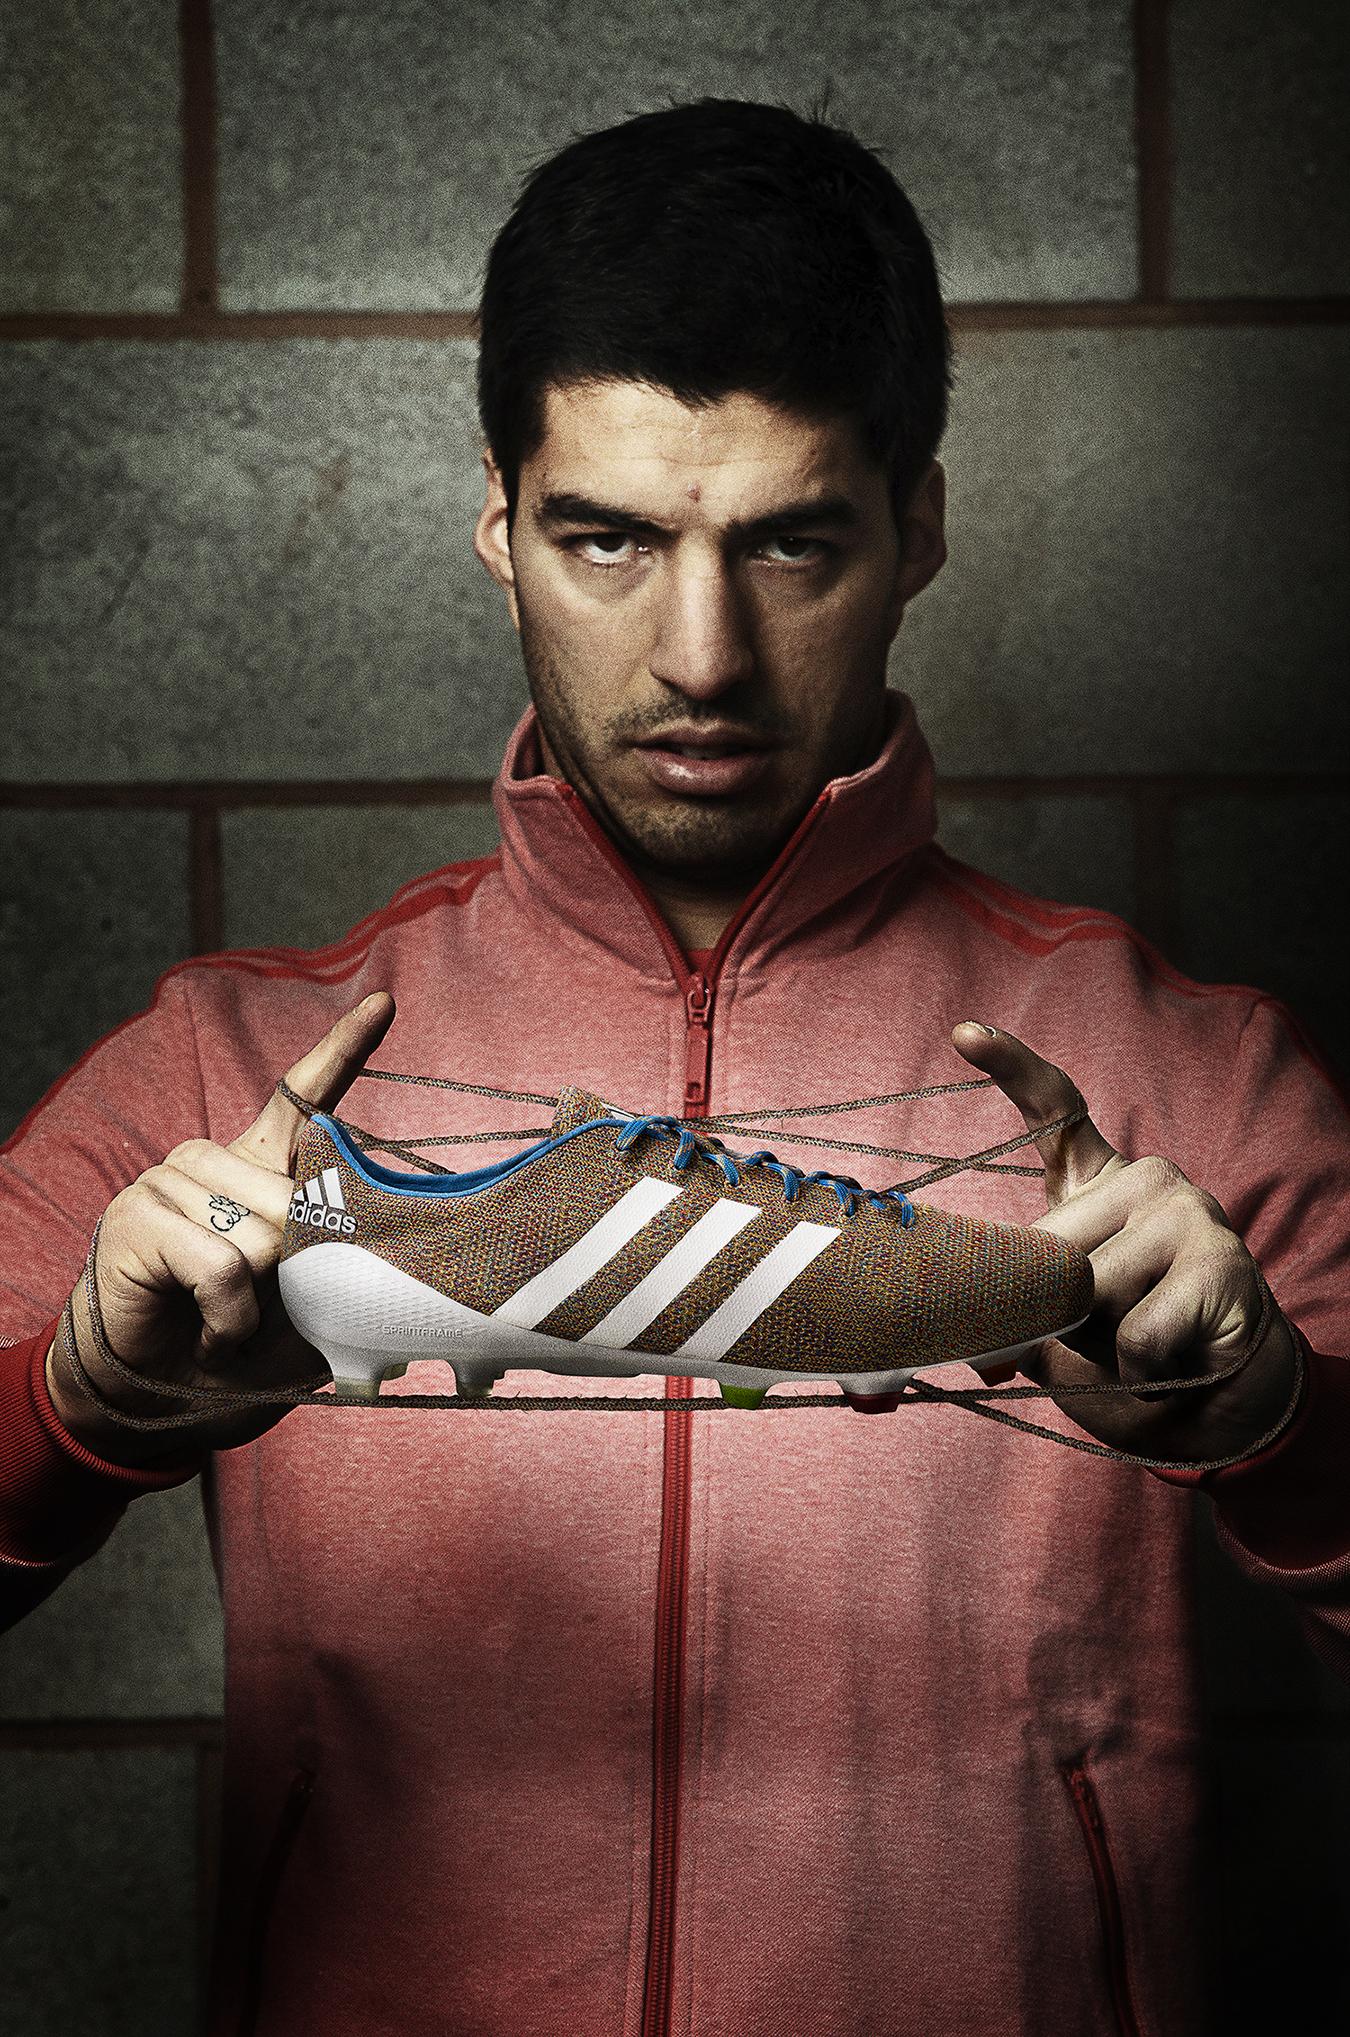 adidas Samba primeknit - Luis Suarez 4